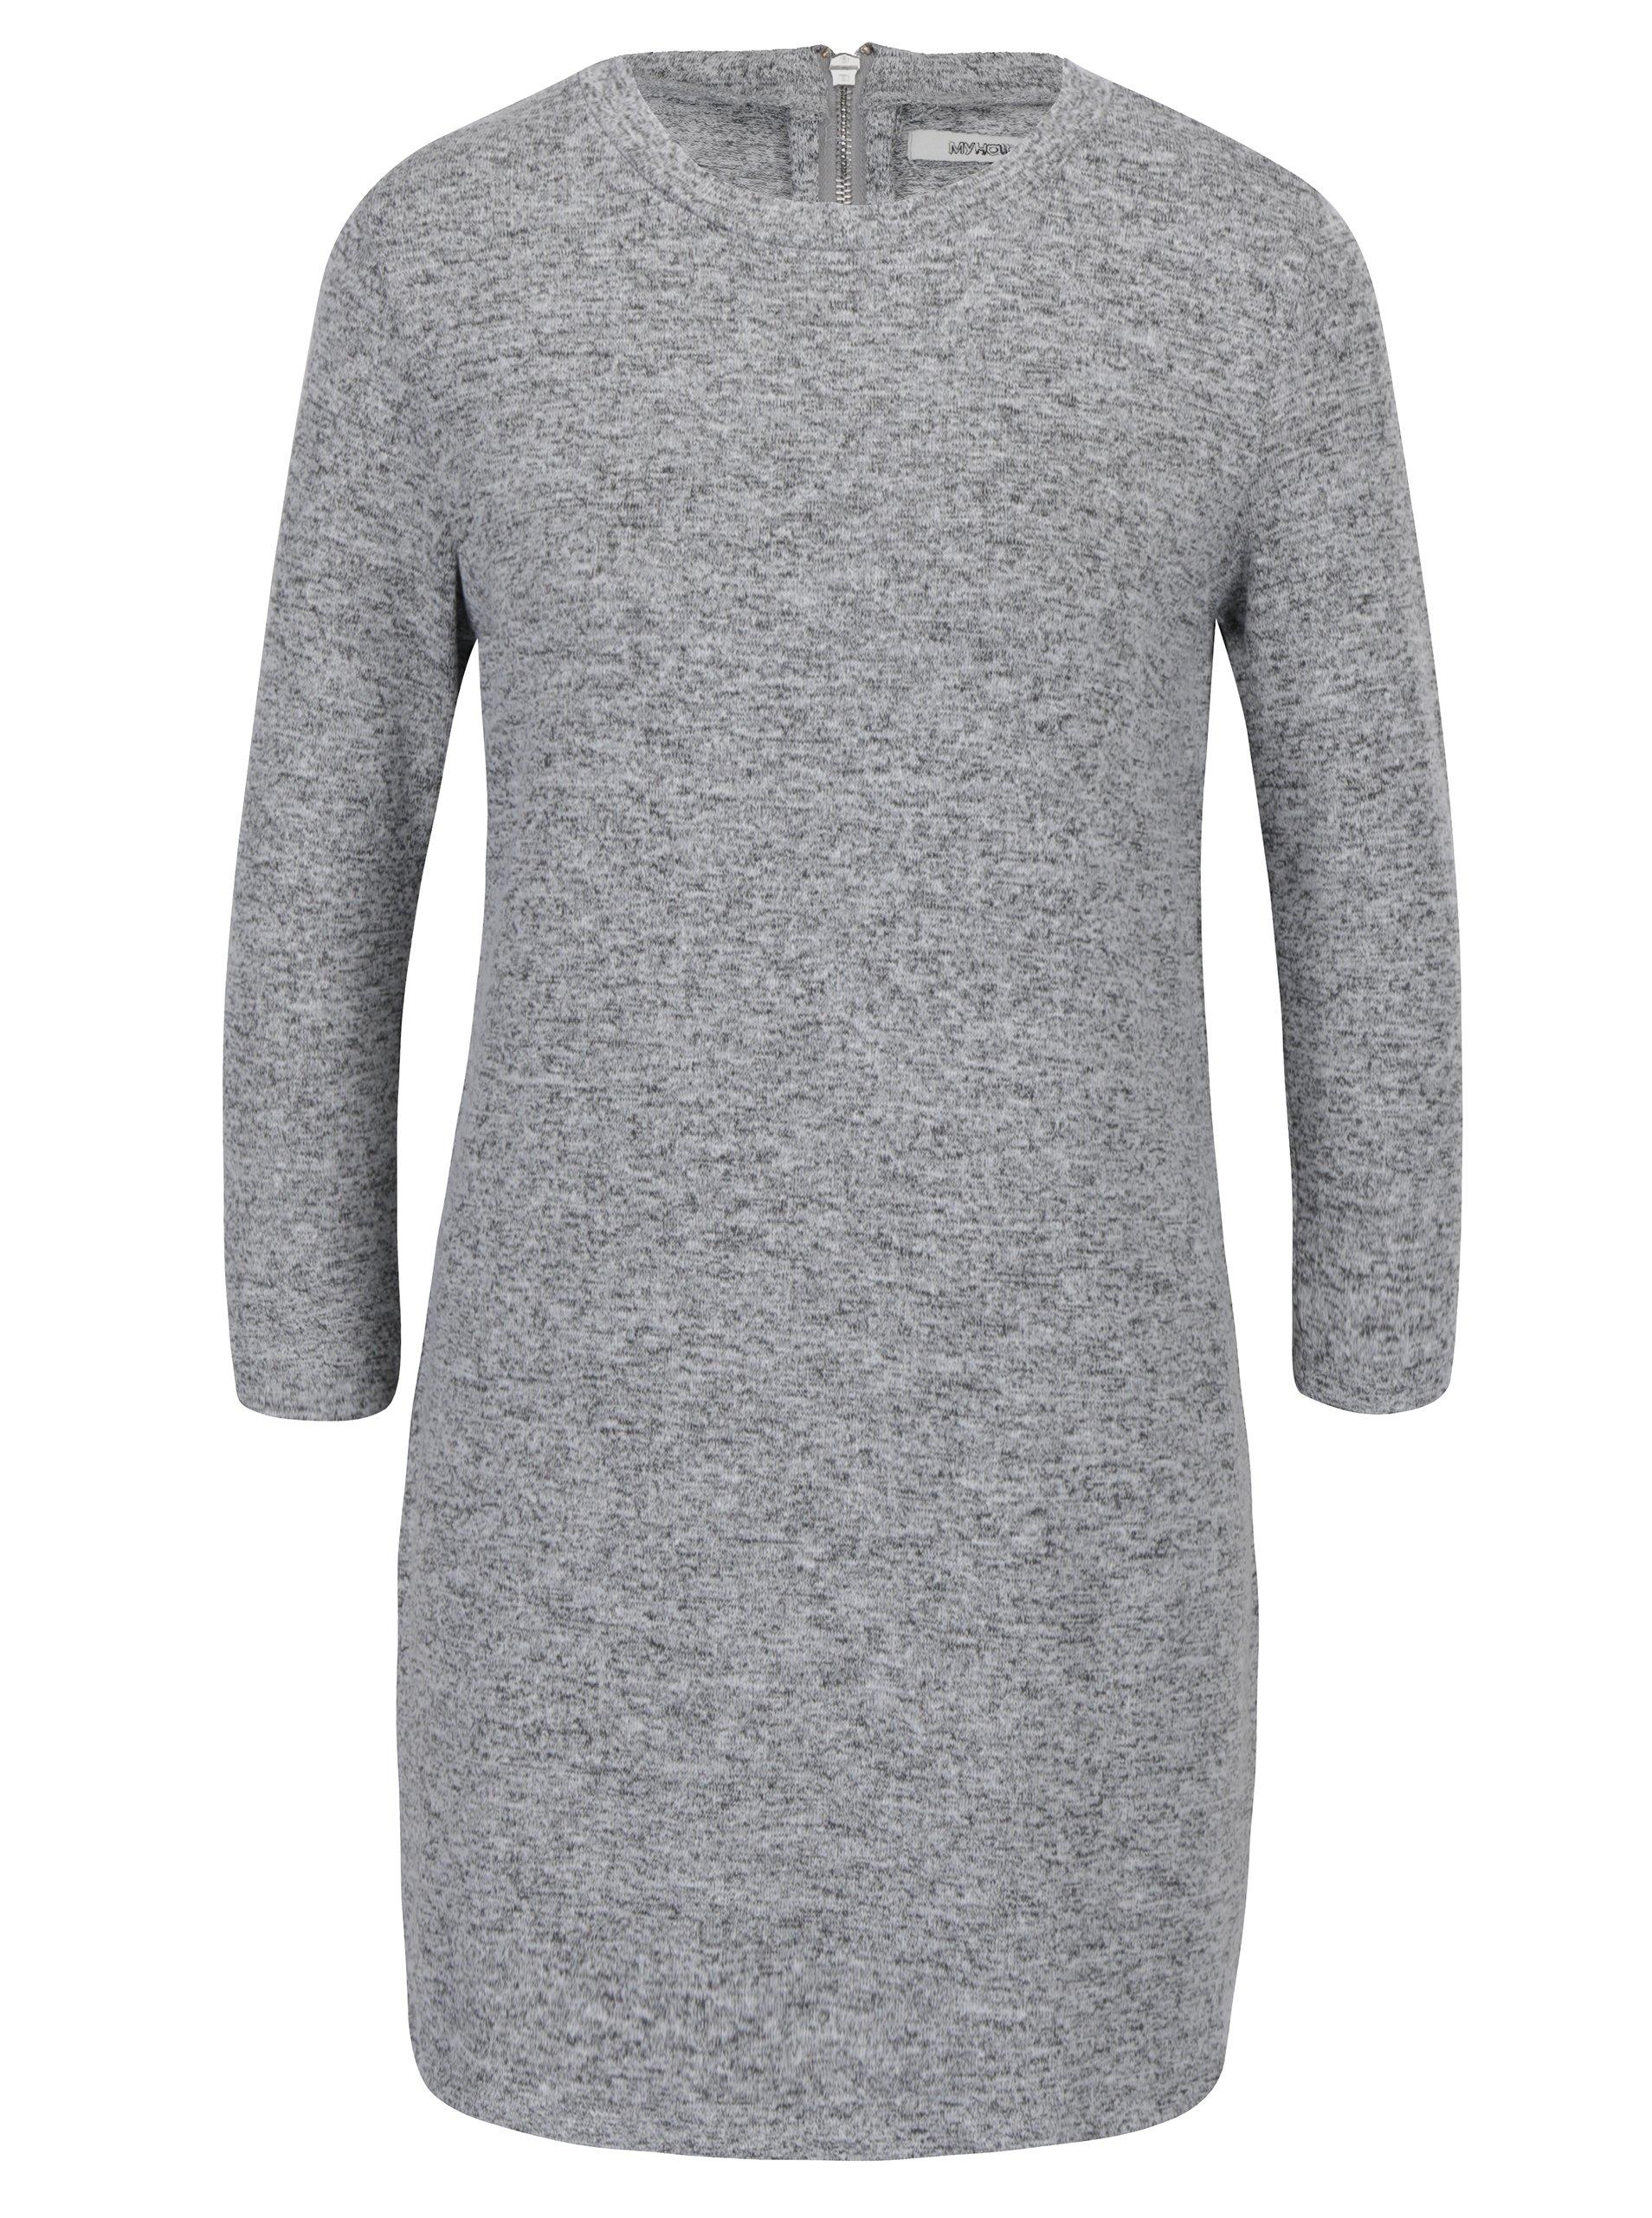 Světle šedé svetrové minišaty s 3/4 rukávy Haily´s Dina